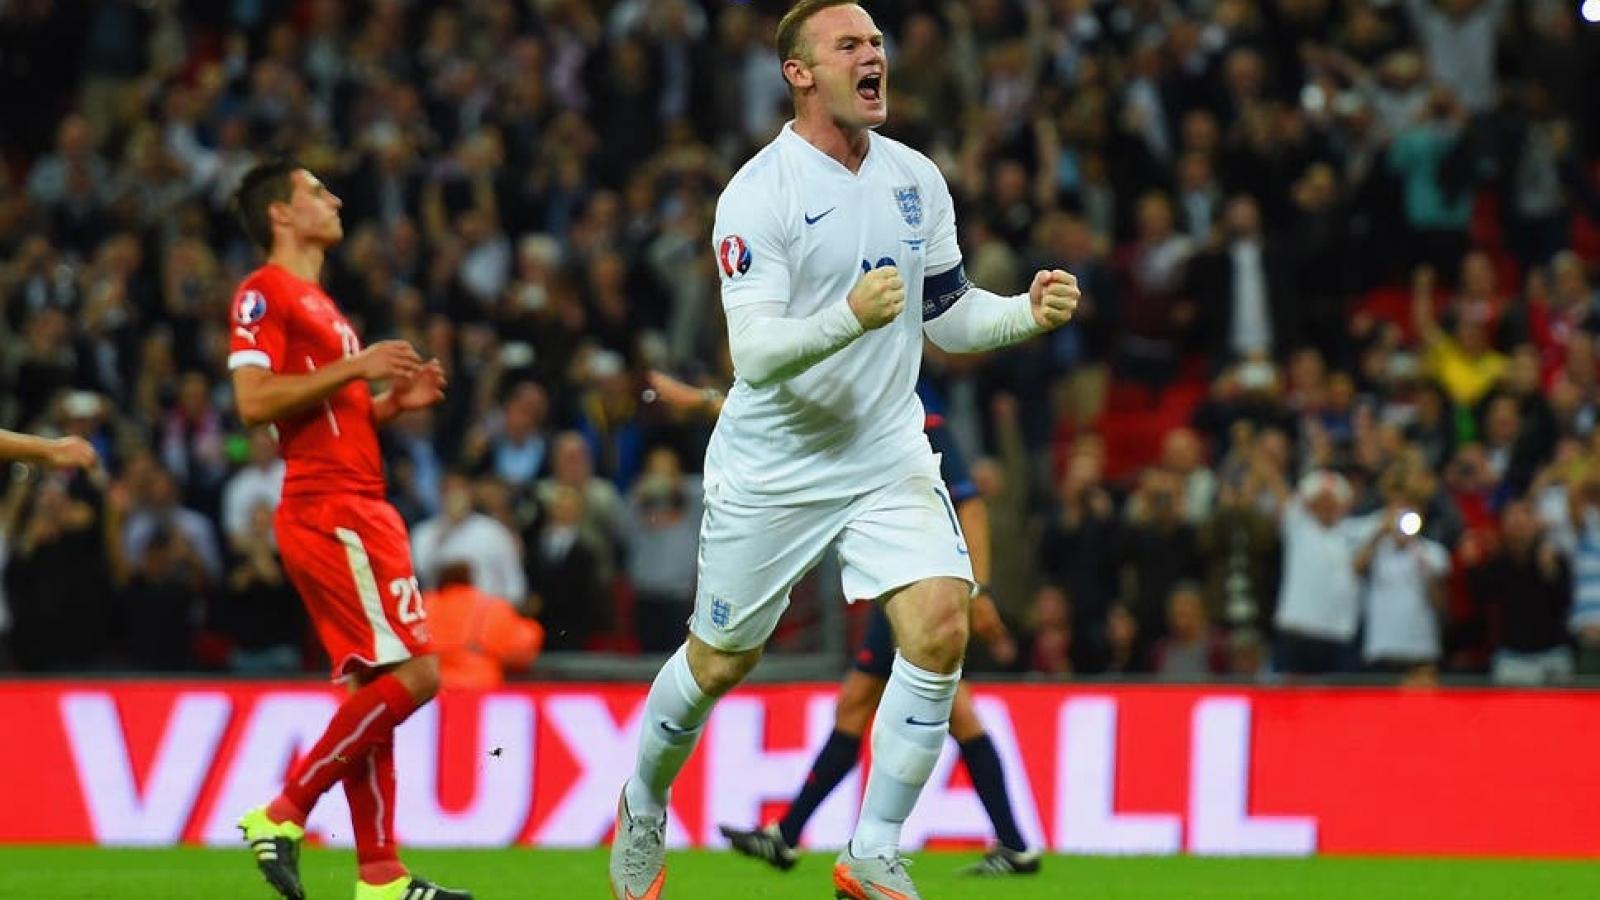 Ngày này năm xưa: Rooney đi vào lịch sử bóng đá Anh